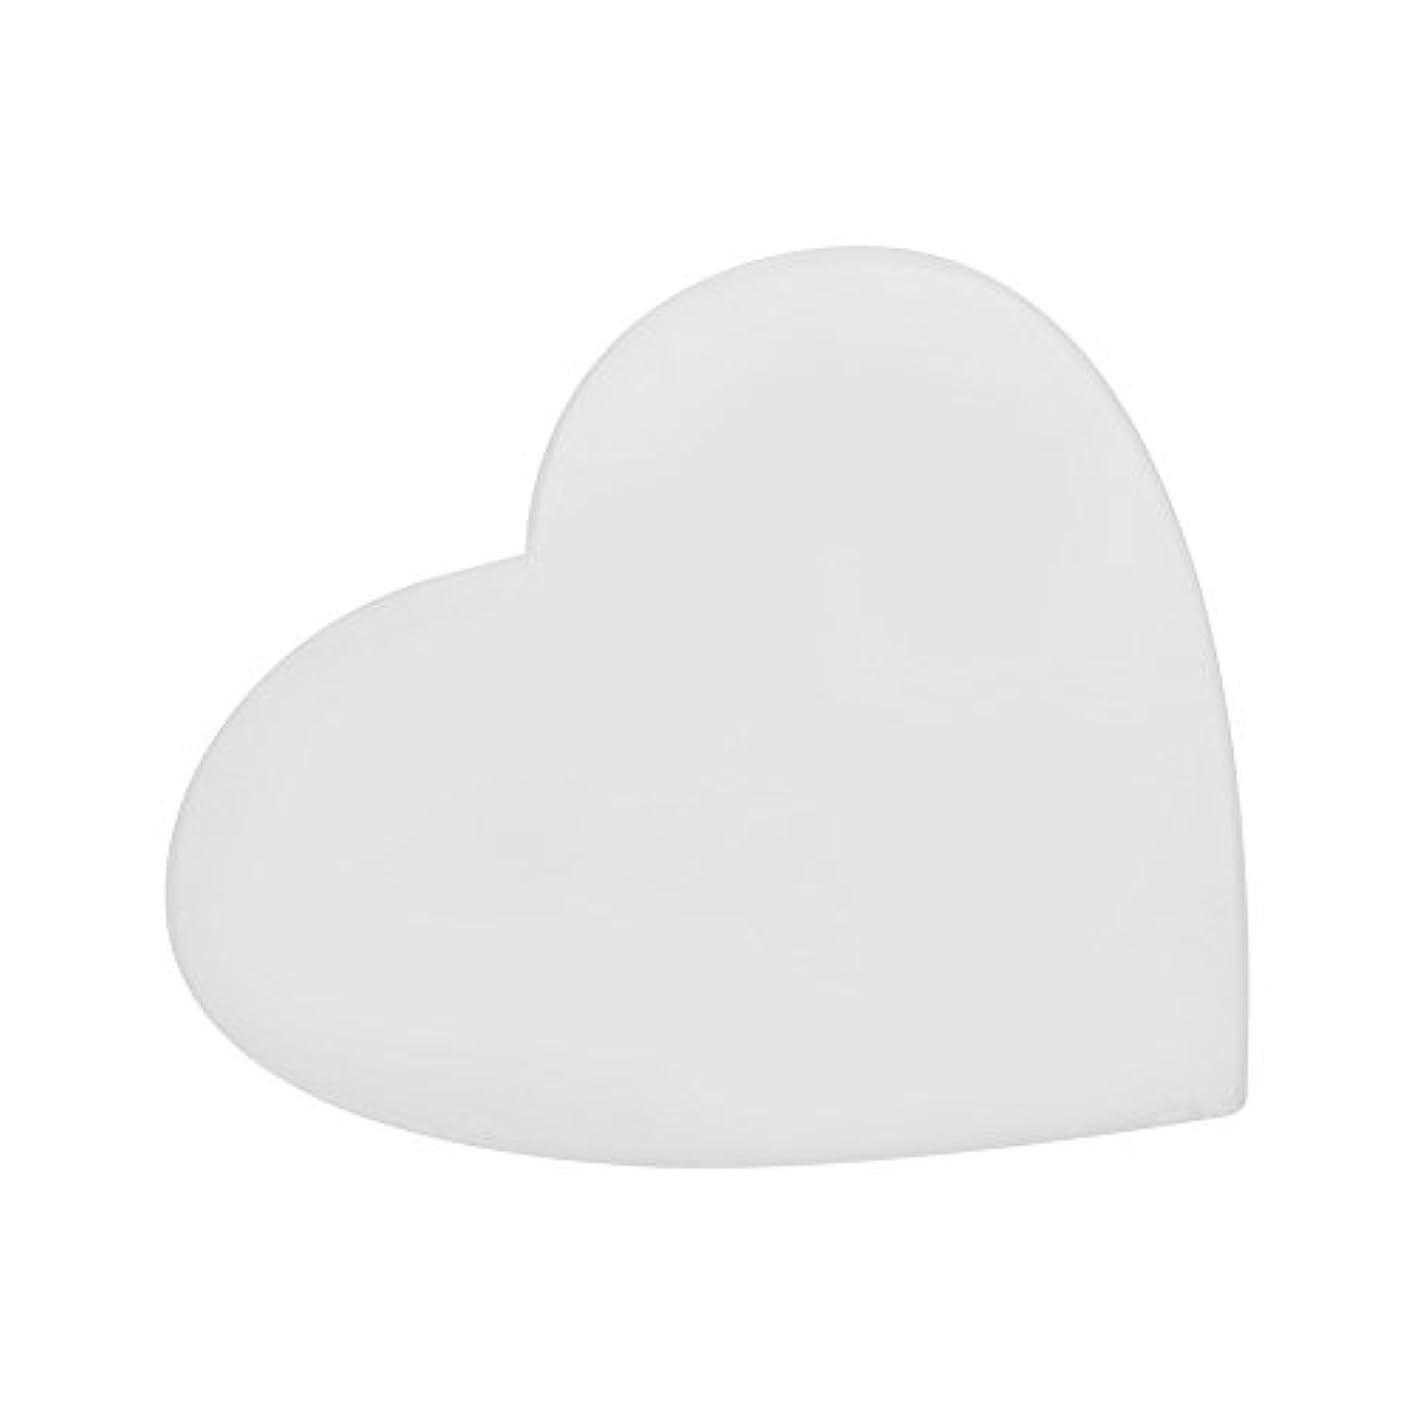 ドラムいじめっ子練習乳房ケア用シリコンチェストパッド